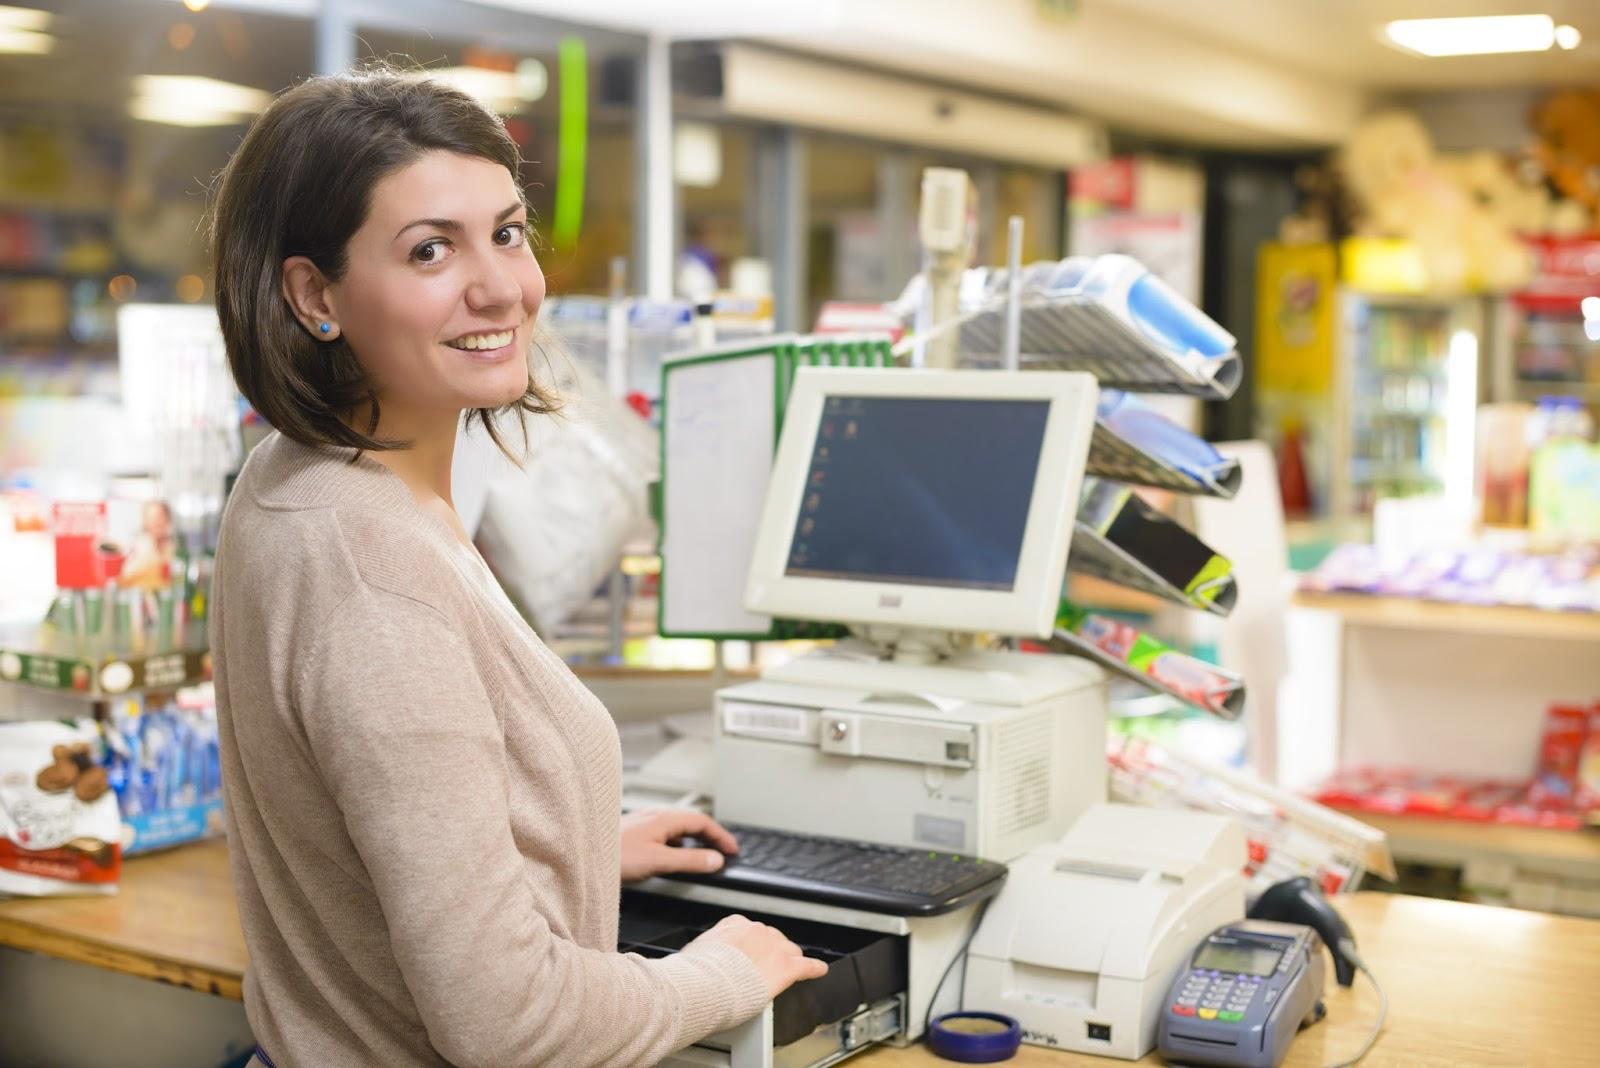 kizer bender interview what s happening in retail store layouts kizer bender interview what s happening in retail store layouts